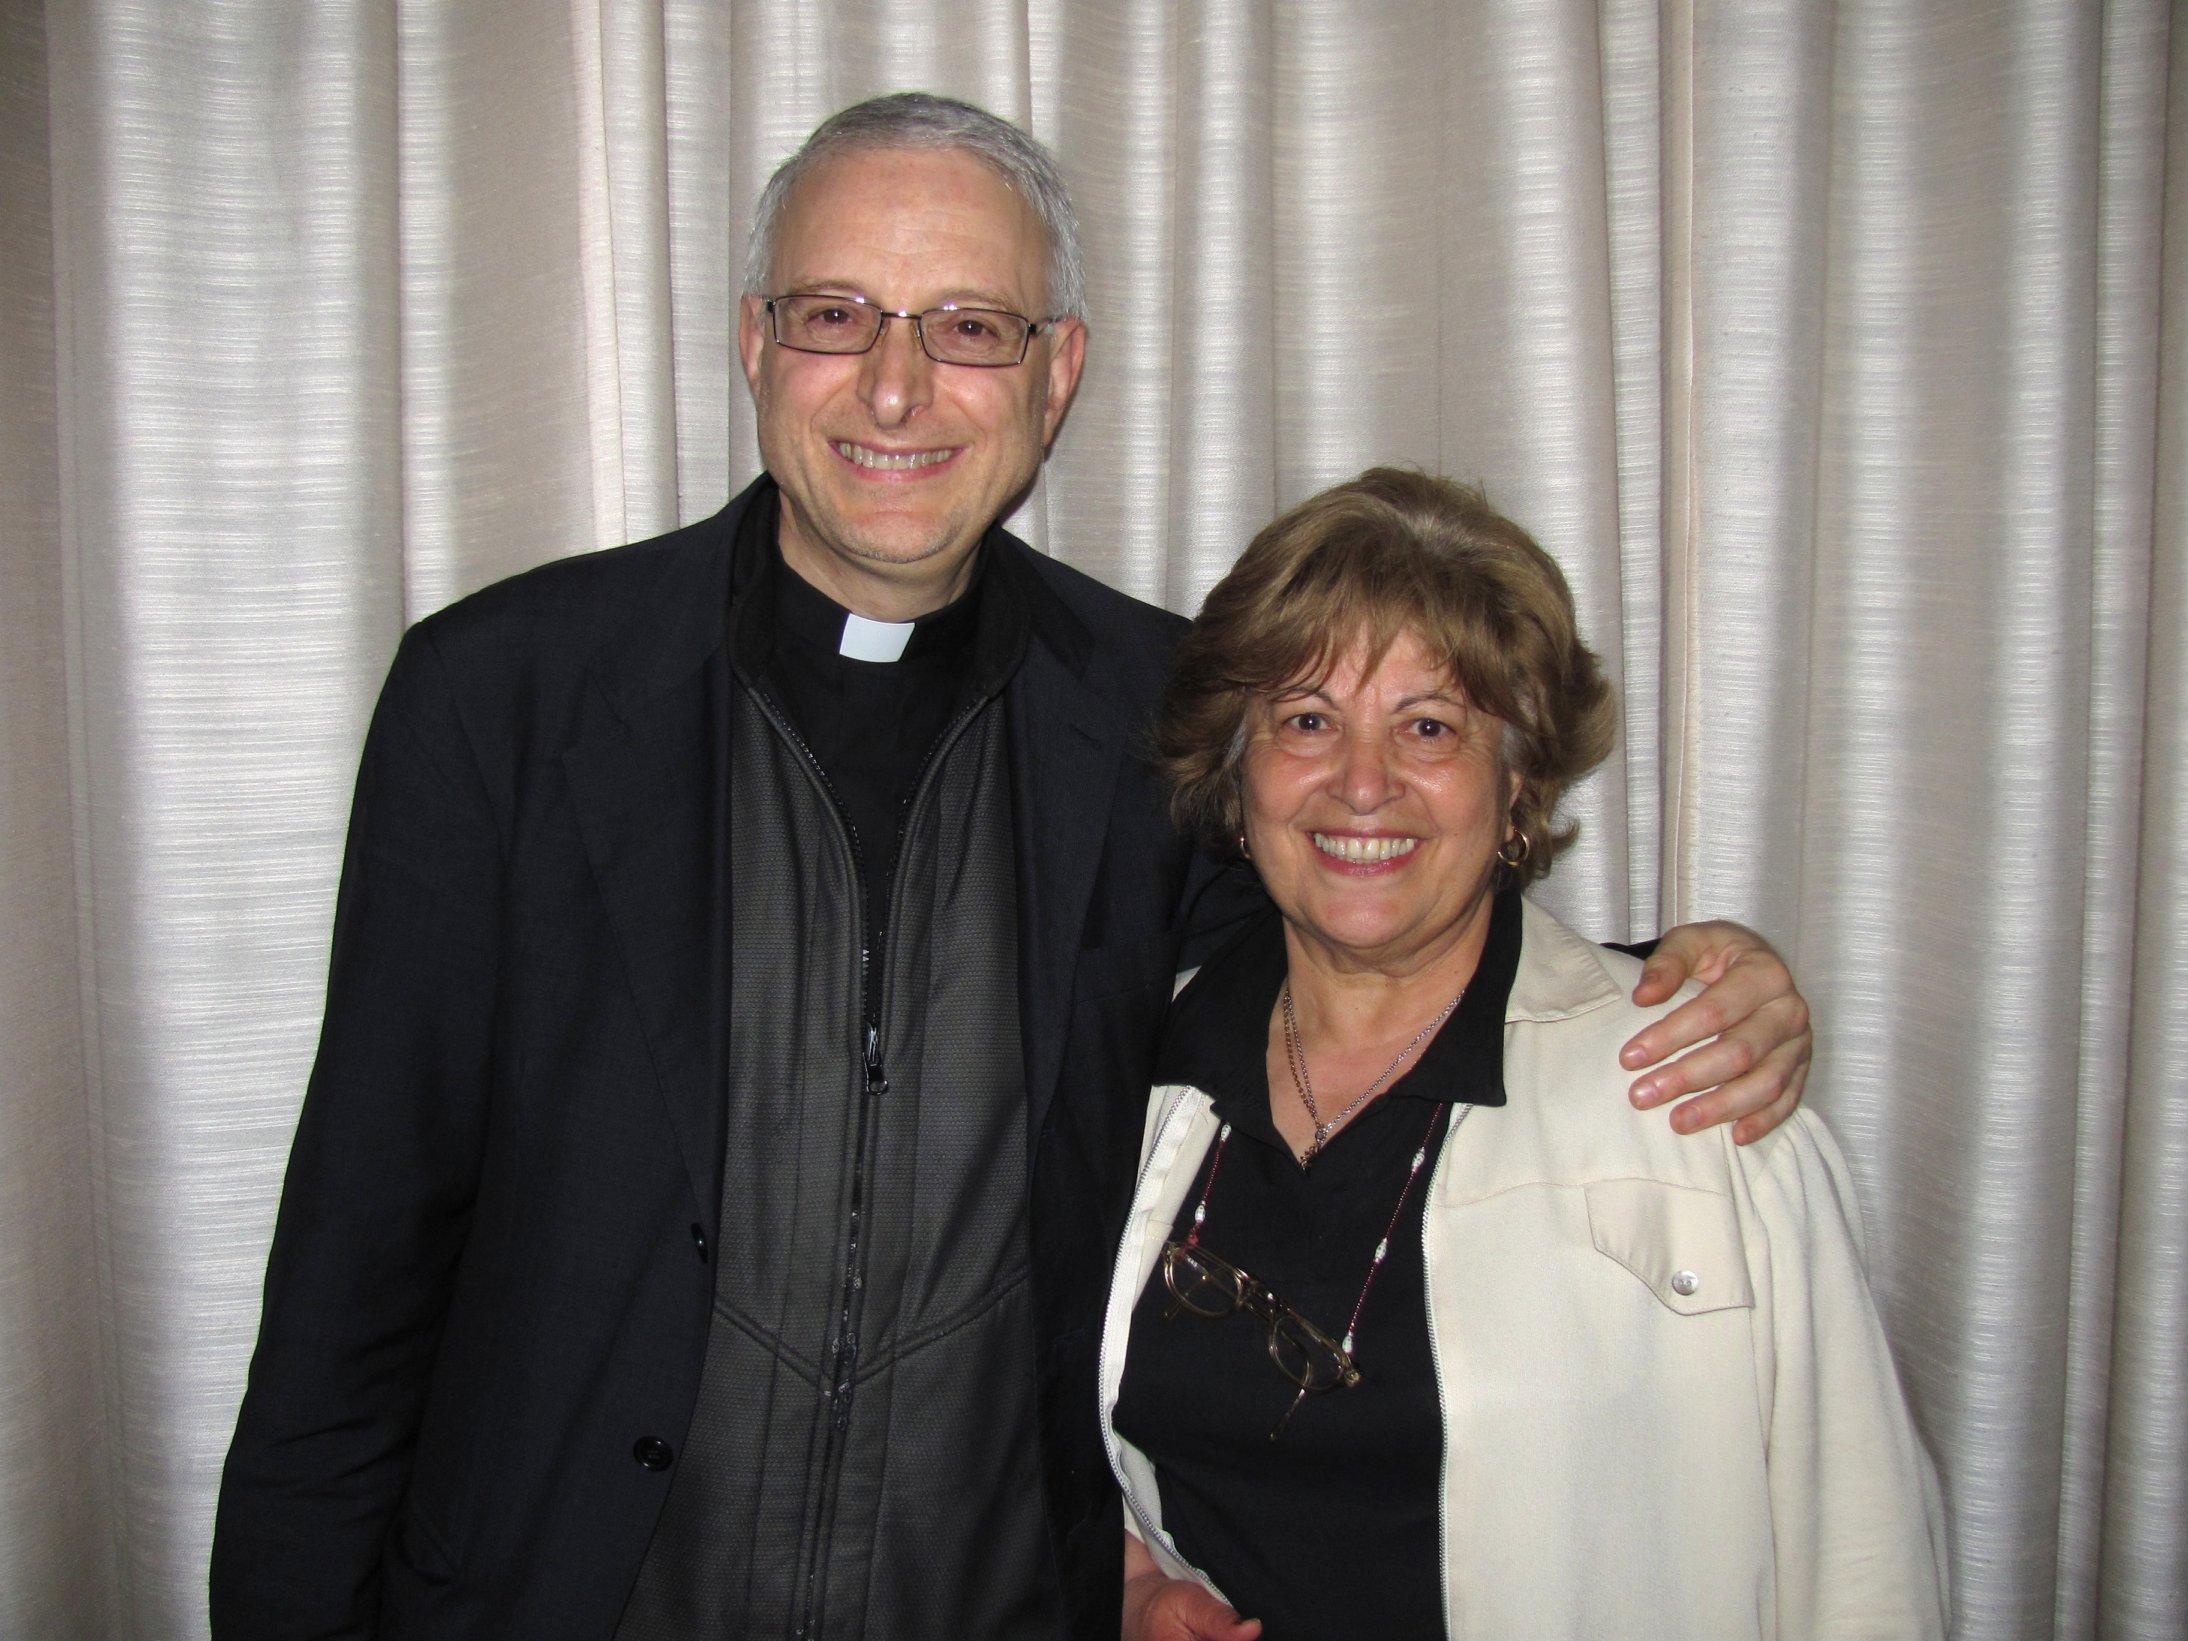 chiusura_anno_catechiste_2013-06-14-20-56-20